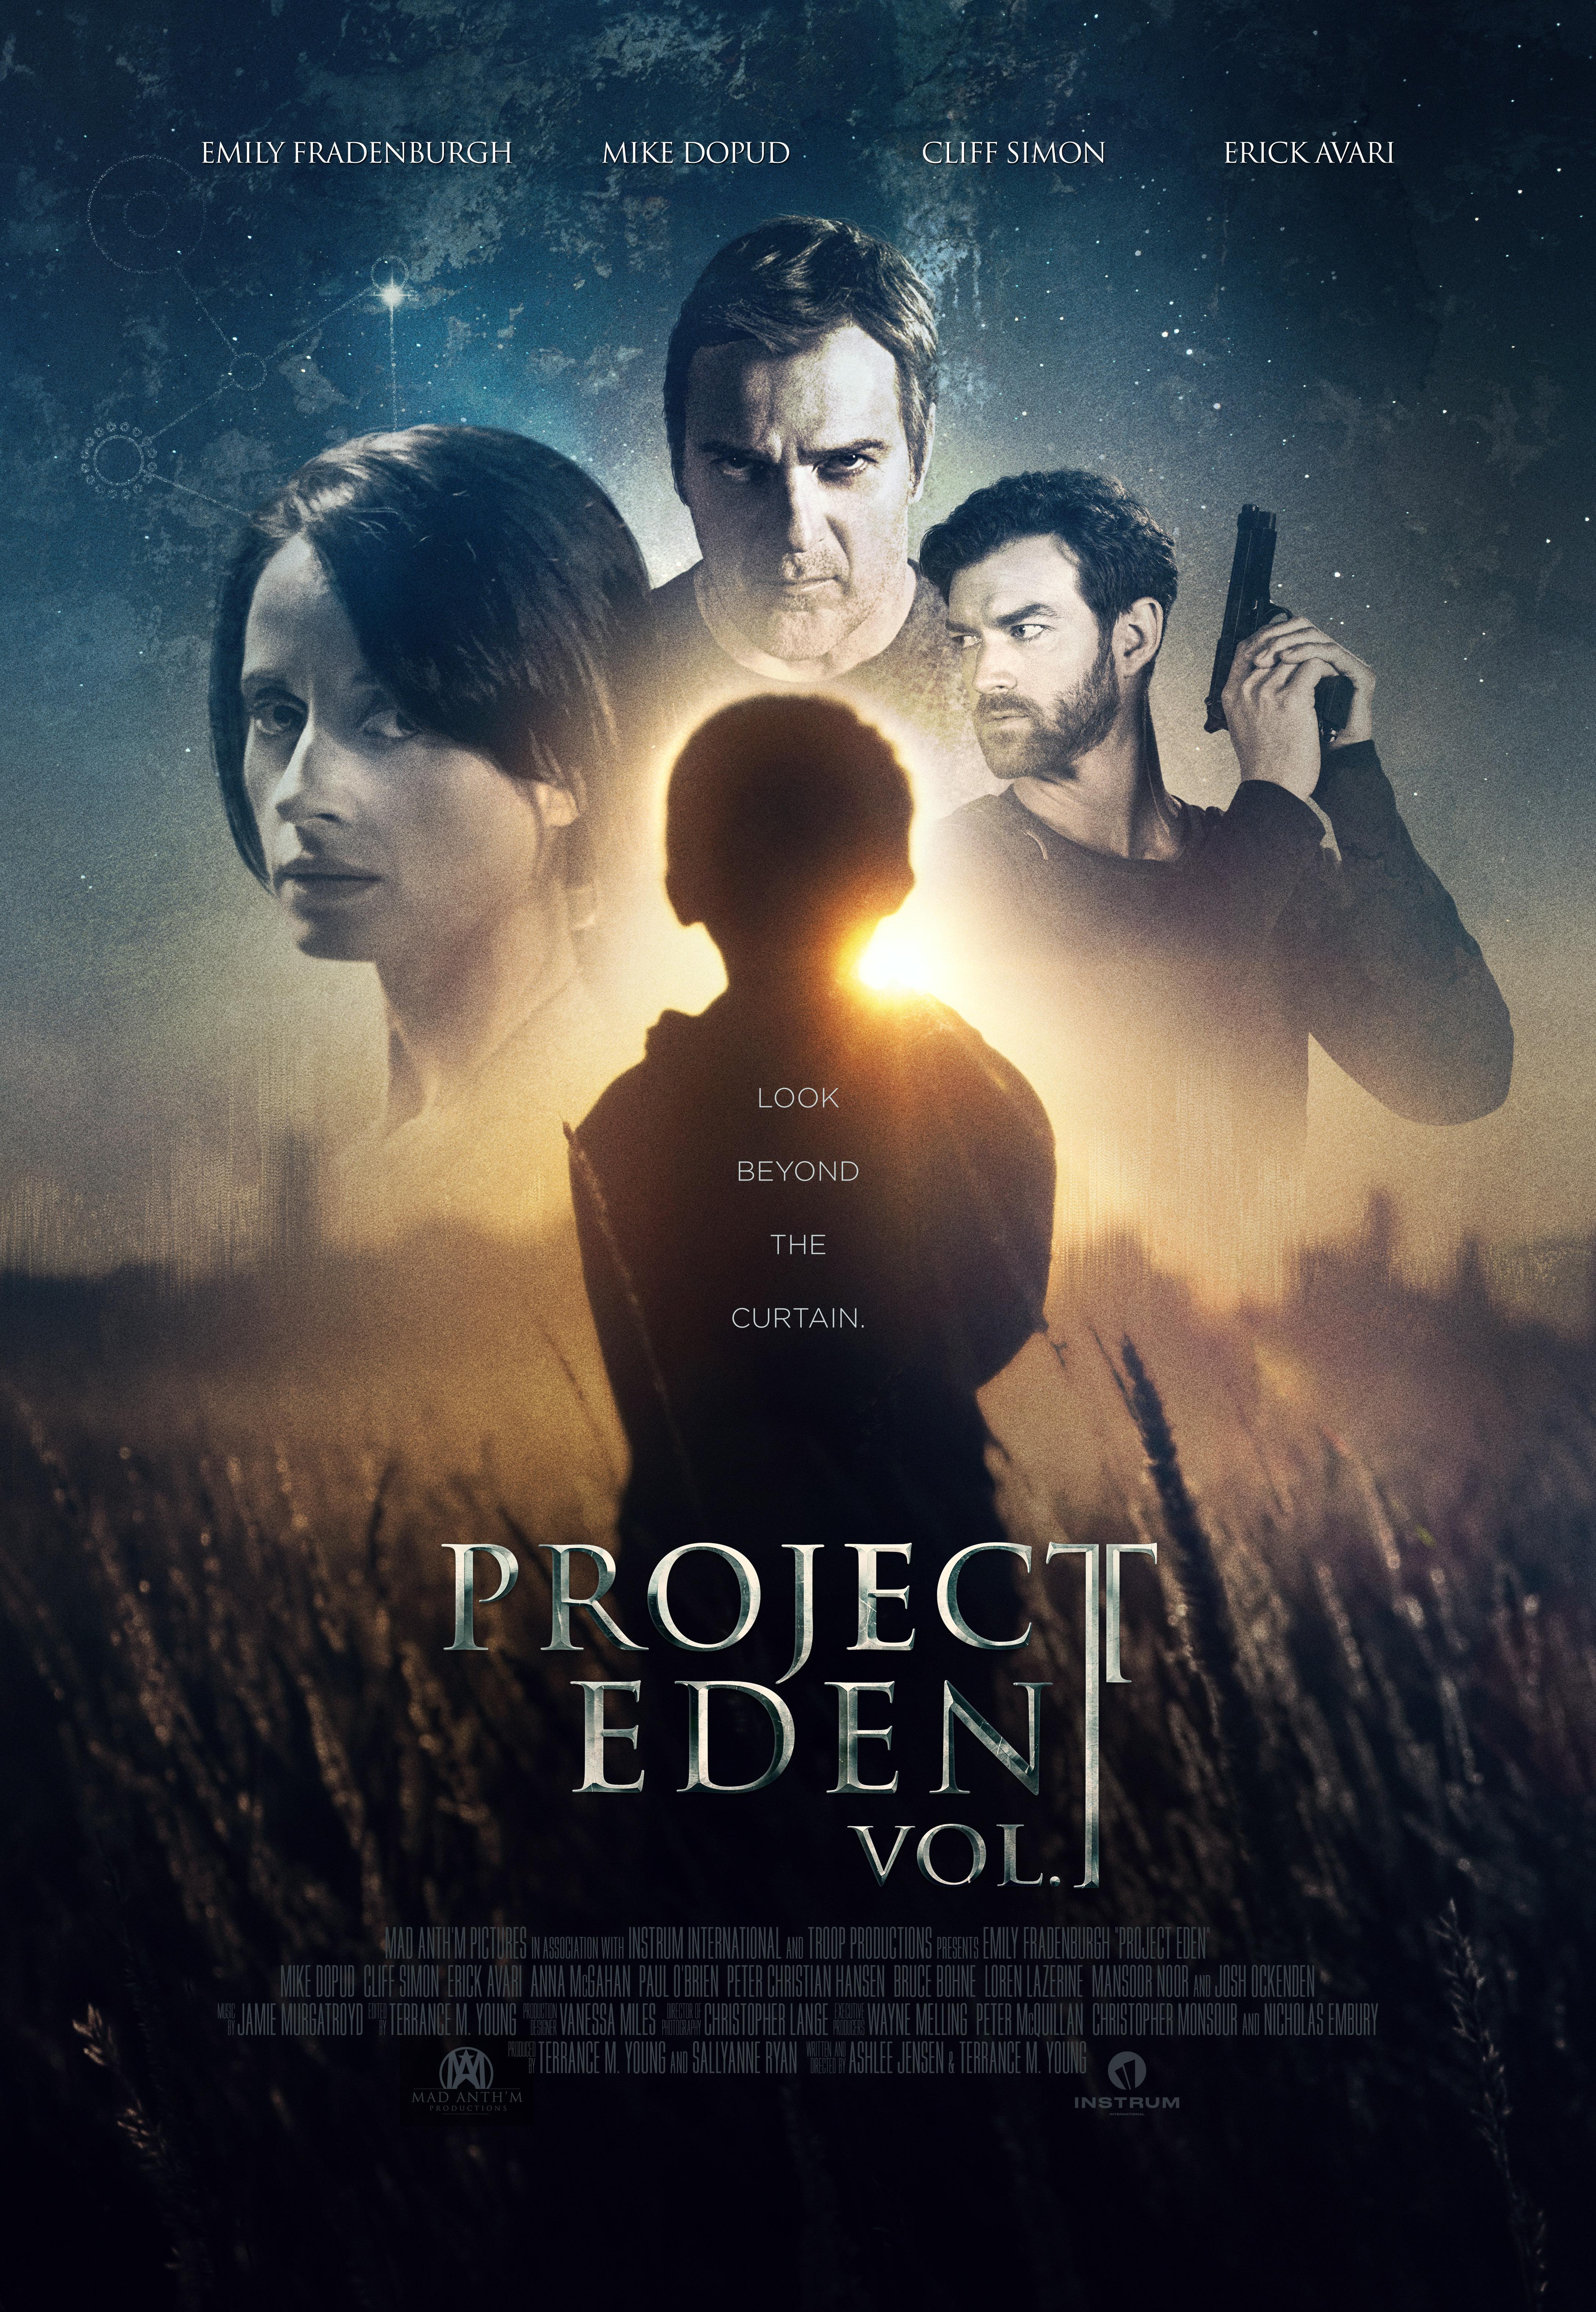 Project Eden: Vol. I (2017) WEBRip 720p